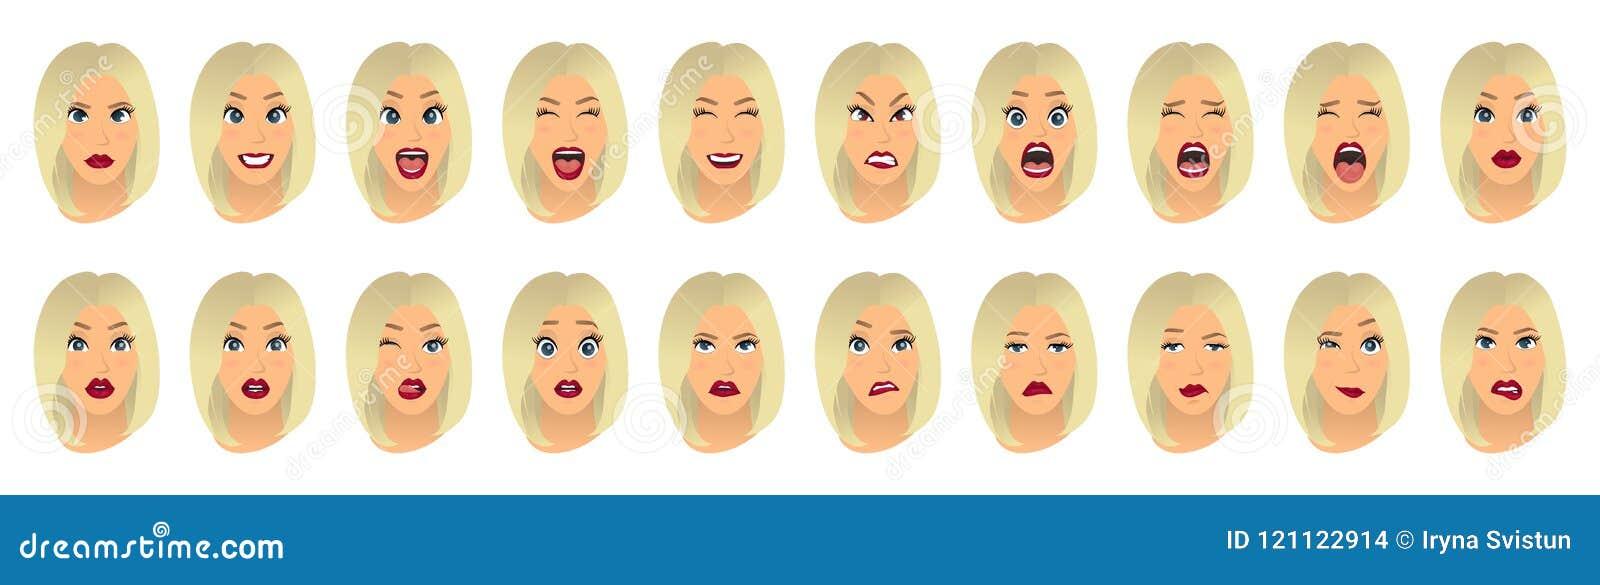 Kobieta wyrazy twarzy, gesty, emoci szczęścia niespodzianki obmierzłości smucenia zachwyta rozczarowania strachu niespodzianki ra